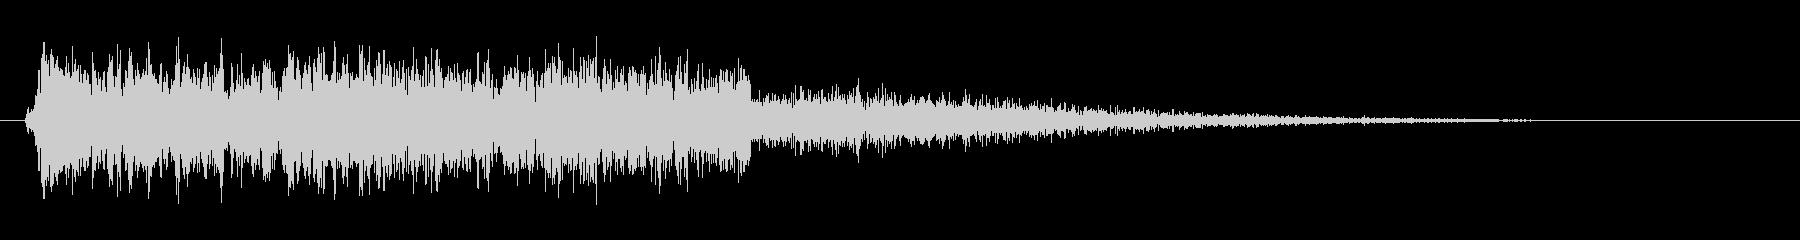 シュシュシュー(電子風切り音)の未再生の波形